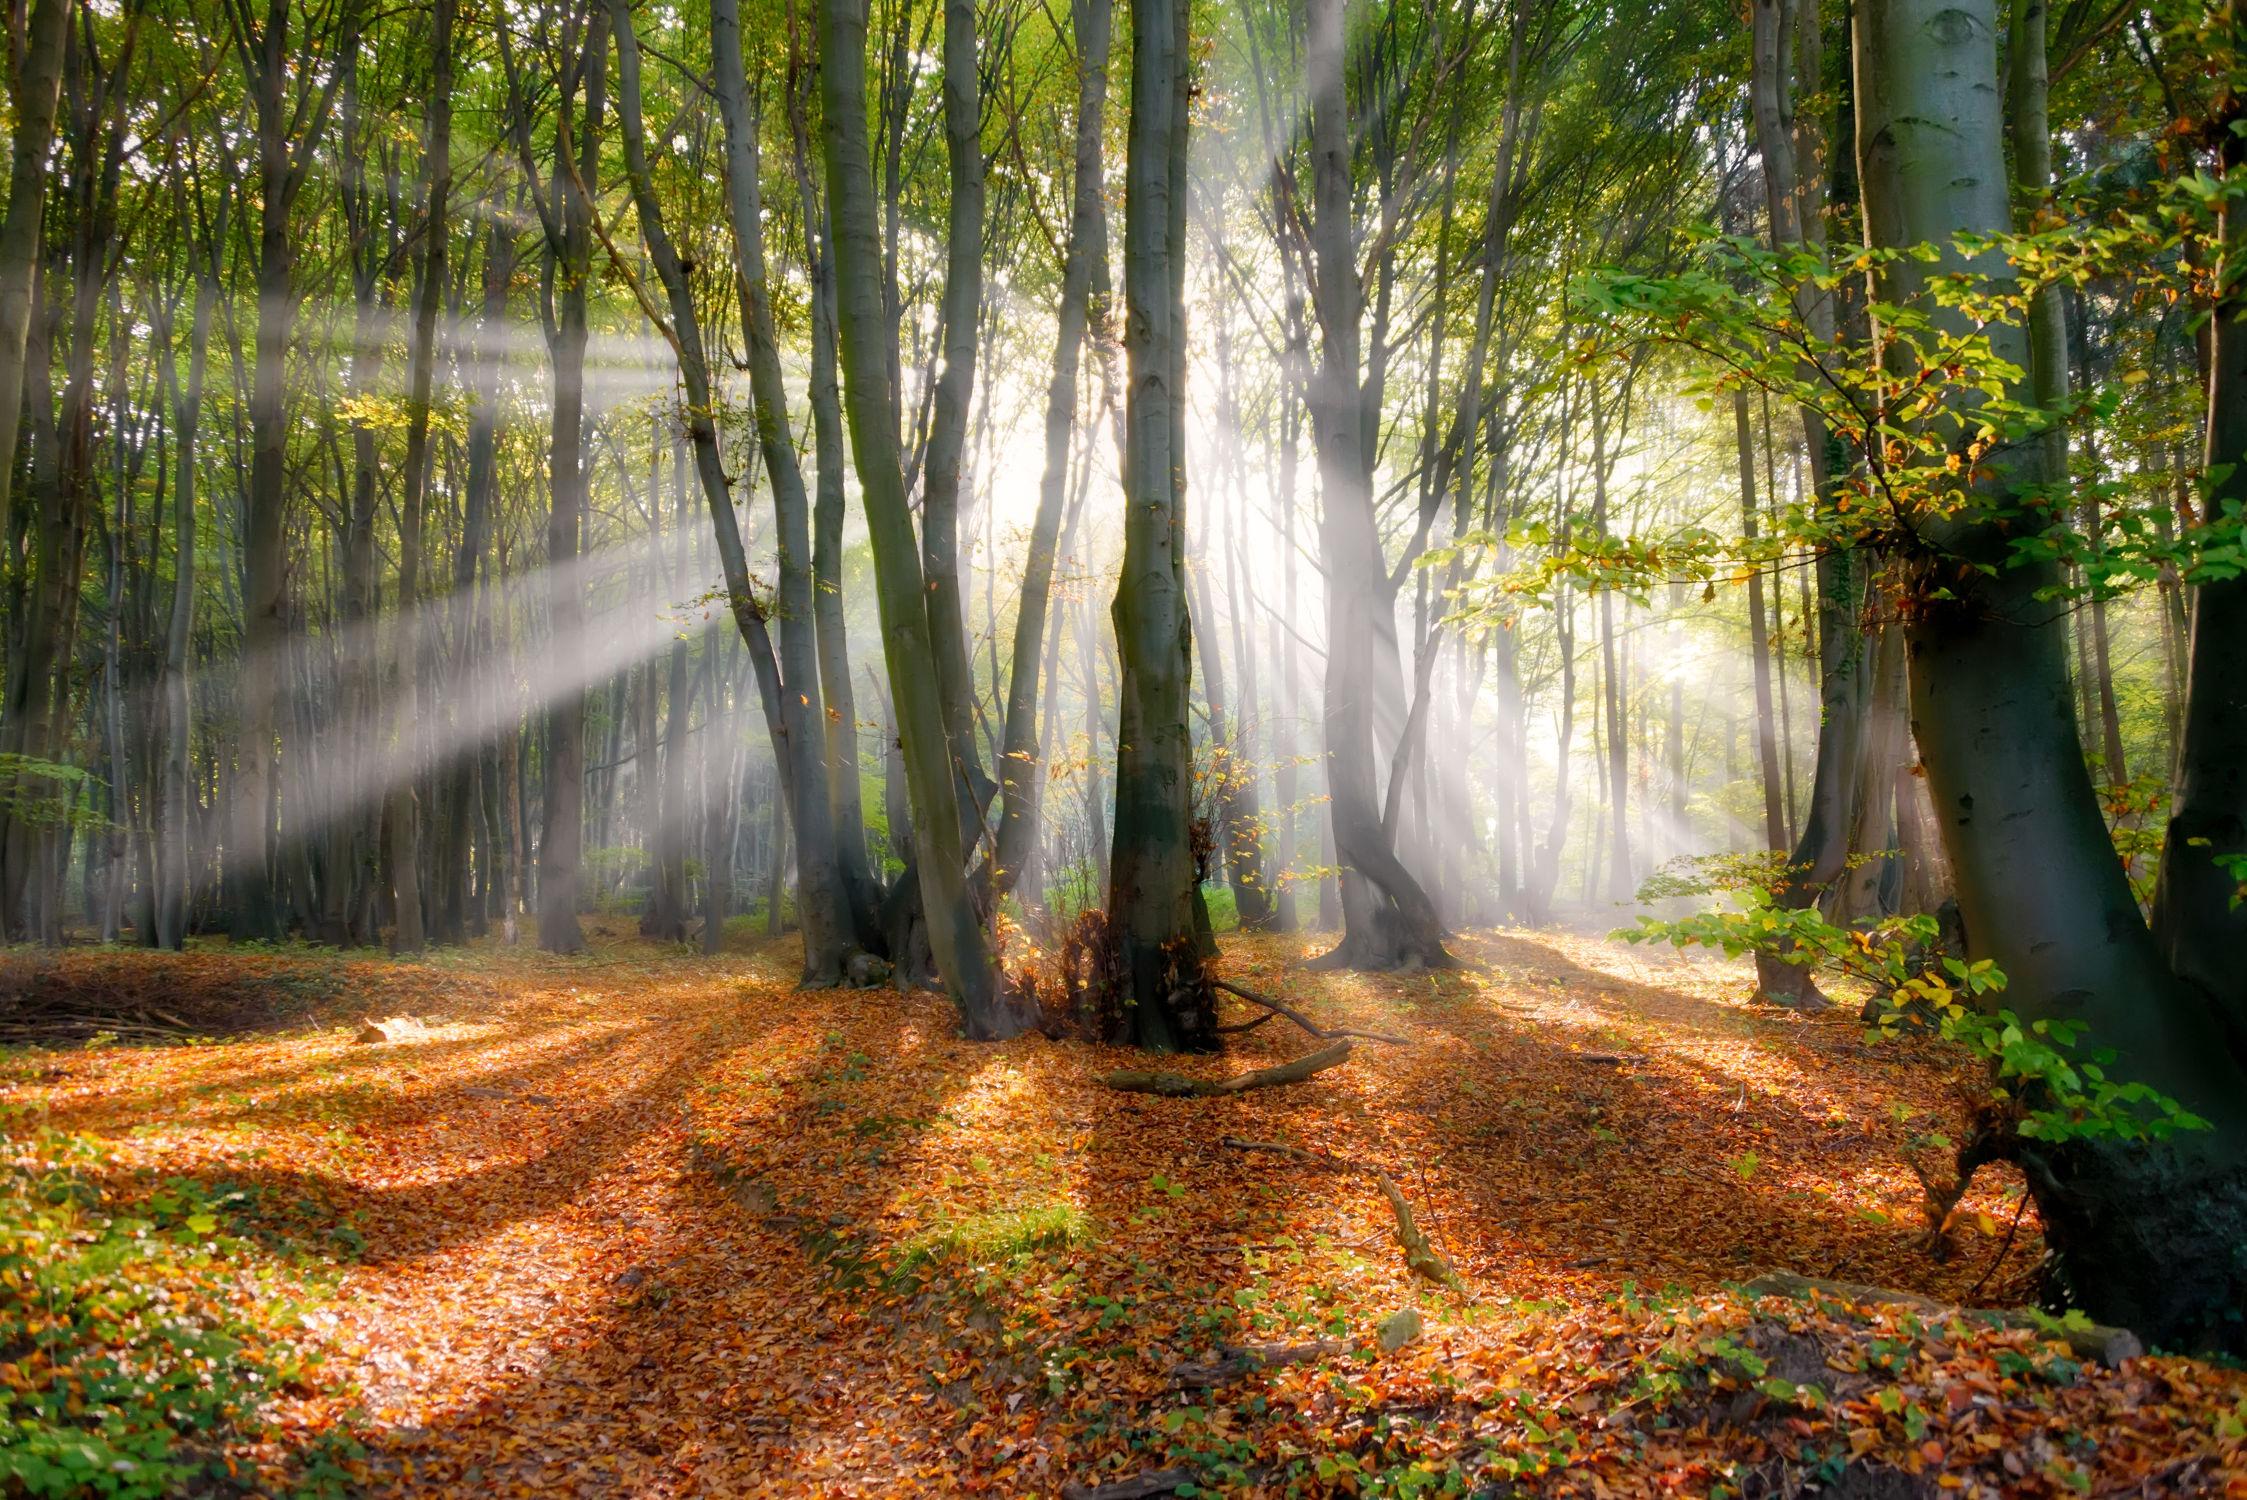 Bild mit Natur, Landschaften, Bäume, Jahreszeiten, Wälder, Herbst, Sonne, Wald, Märchenwald, Blick in den Wald, Waldbild, Nature, Gegenlicht, Licht, Laubwald, Ruhe, Buchenwald, Natur und Landschaft, Landschaften im Herbst, Landschaft und Natur, Im Wald, Fotografien, Erholung, Sonnenstrahlen, Sonnenlicht, Naturfotografie, Entspannen, Ausspannen, Herbststimmung, herbstlich, Herbstwald, Strahlen, Jahreszeit, autumn, Landschaften/Wälder, Bäume und Wälder